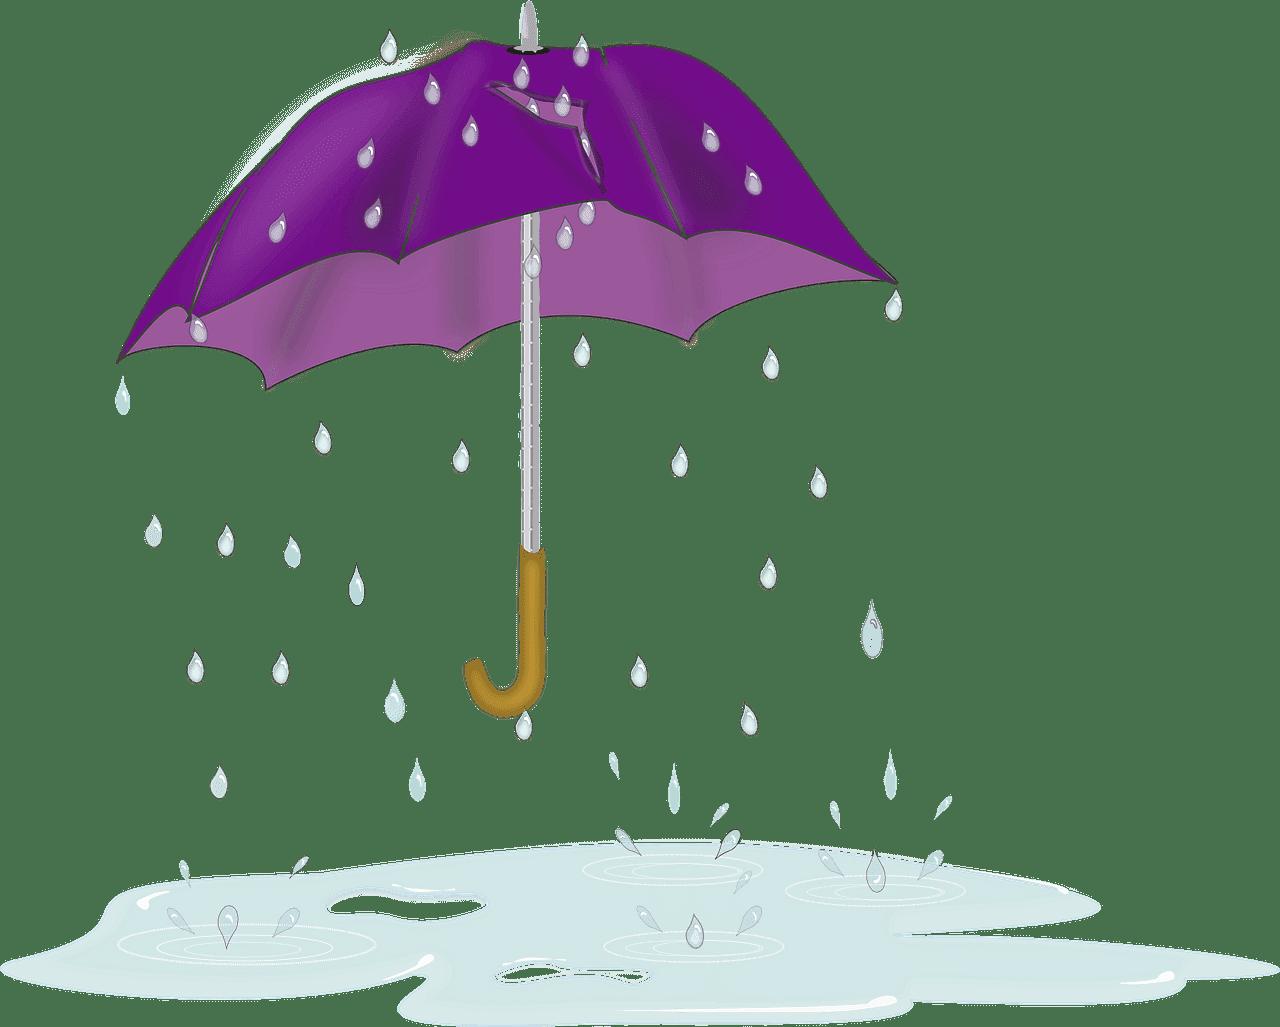 Umbrella in Rain clipart transparent